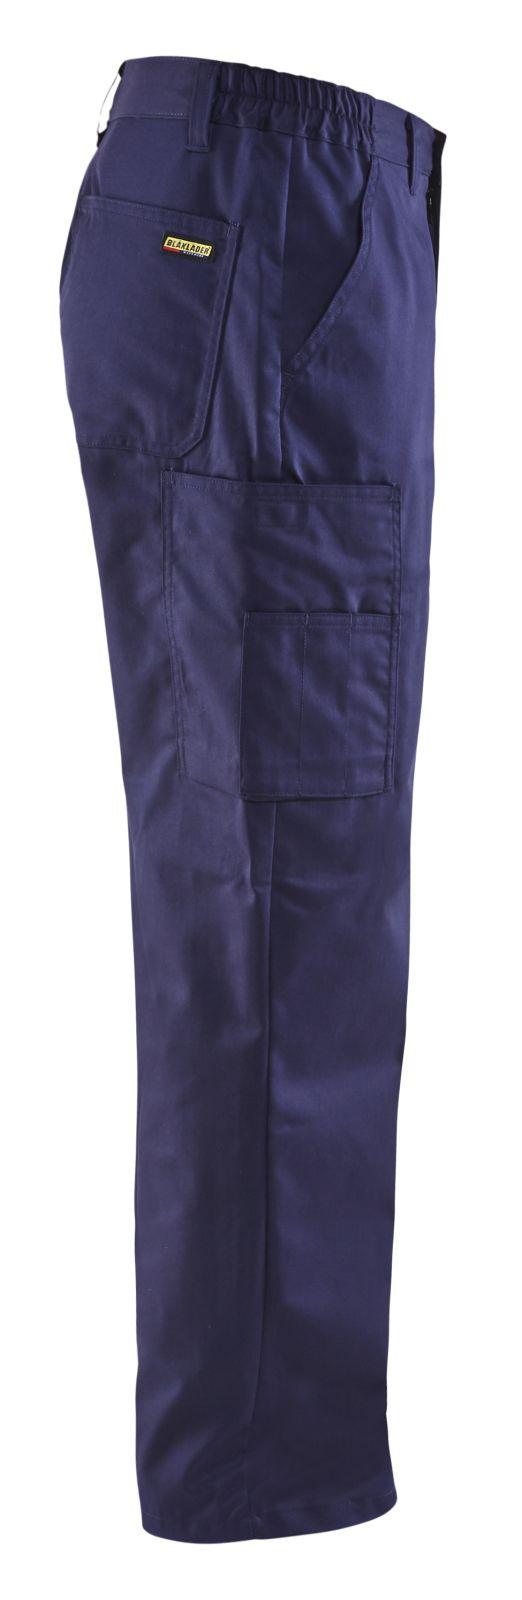 Blaklader Werkbroeken 17251800 marineblauw(8900)